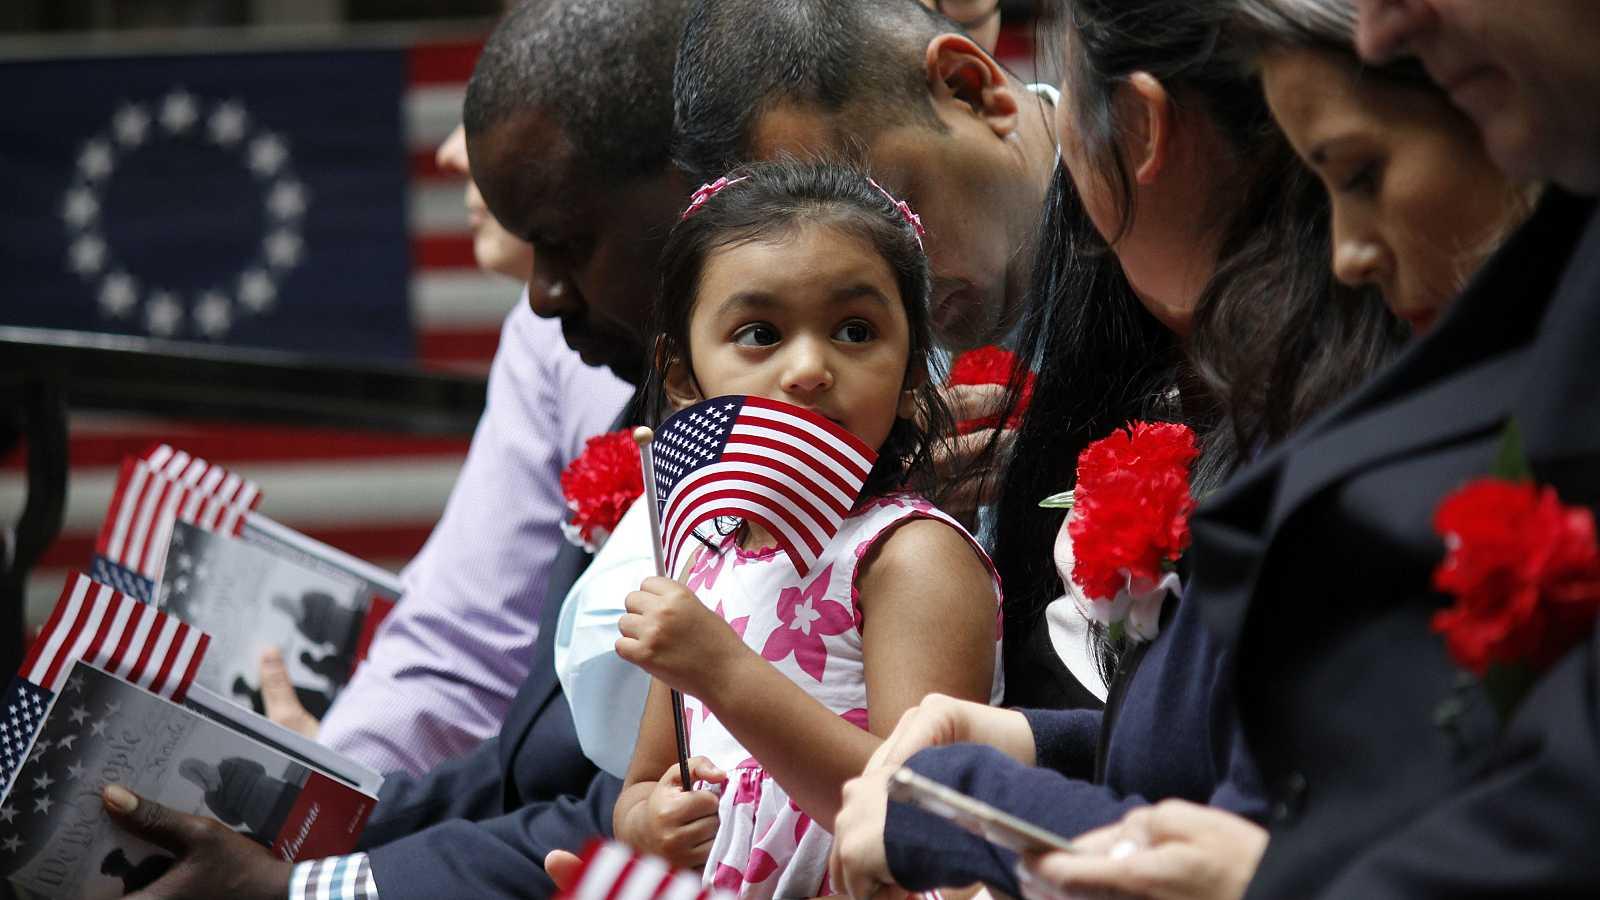 La hija de un inmigrante sostiene una bandera estadounidense.